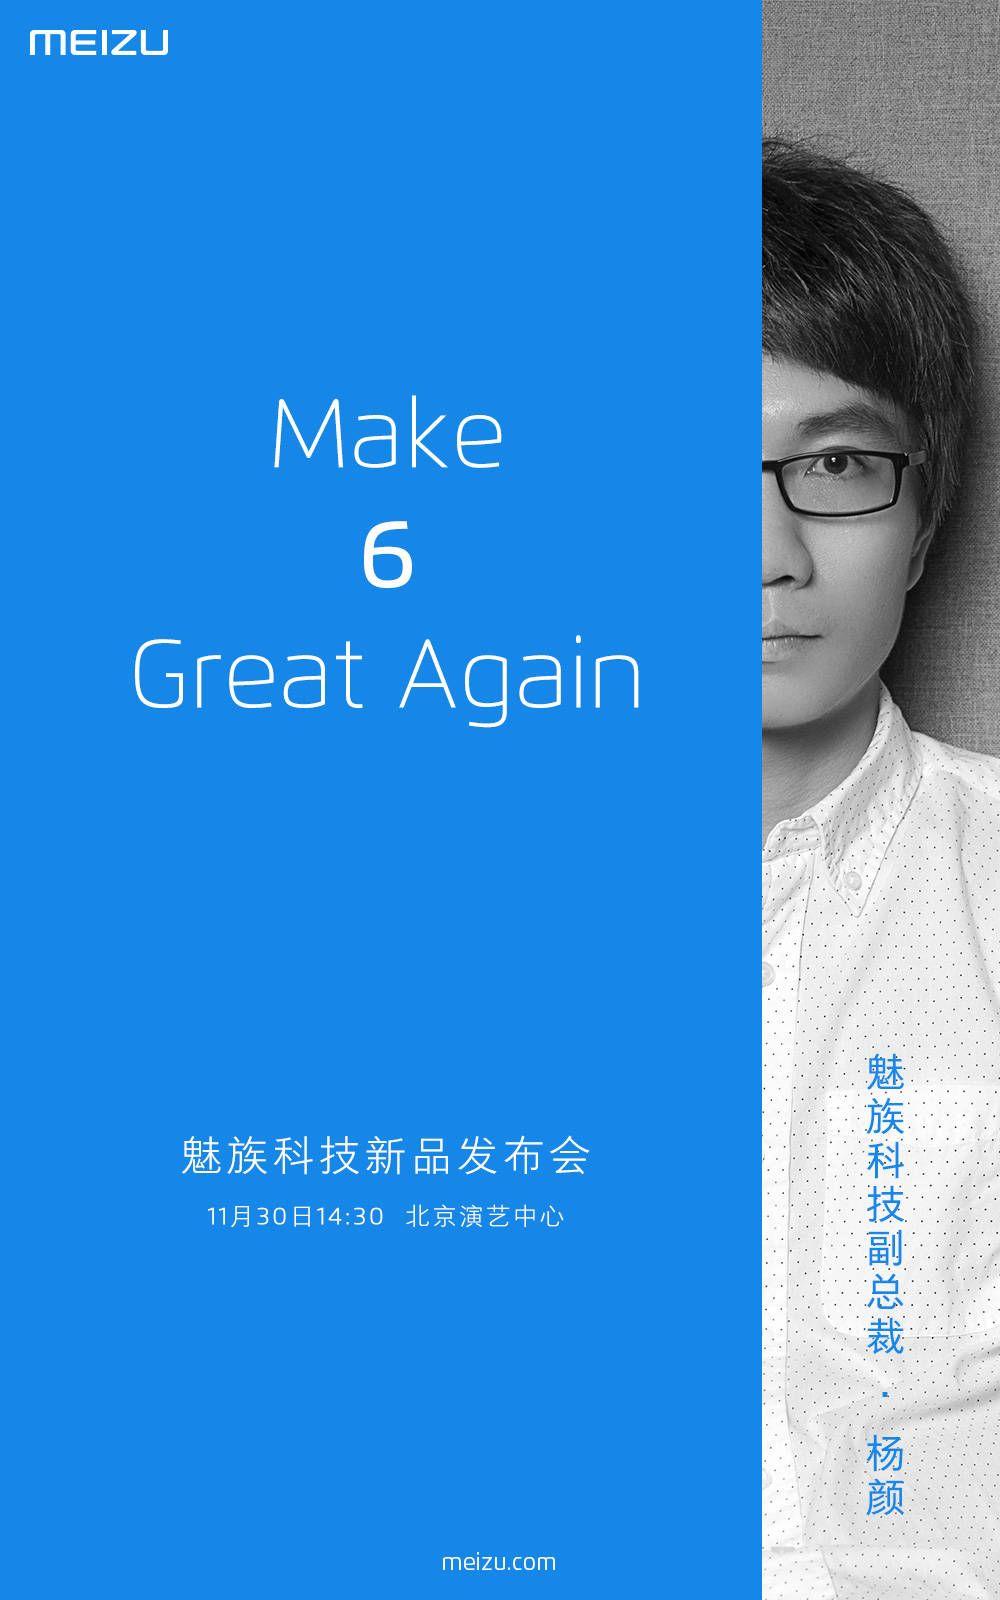 11月30日の発表会で新型UI「Flyme 6」を発表か?Flymeのデザイナーが微博にて発言